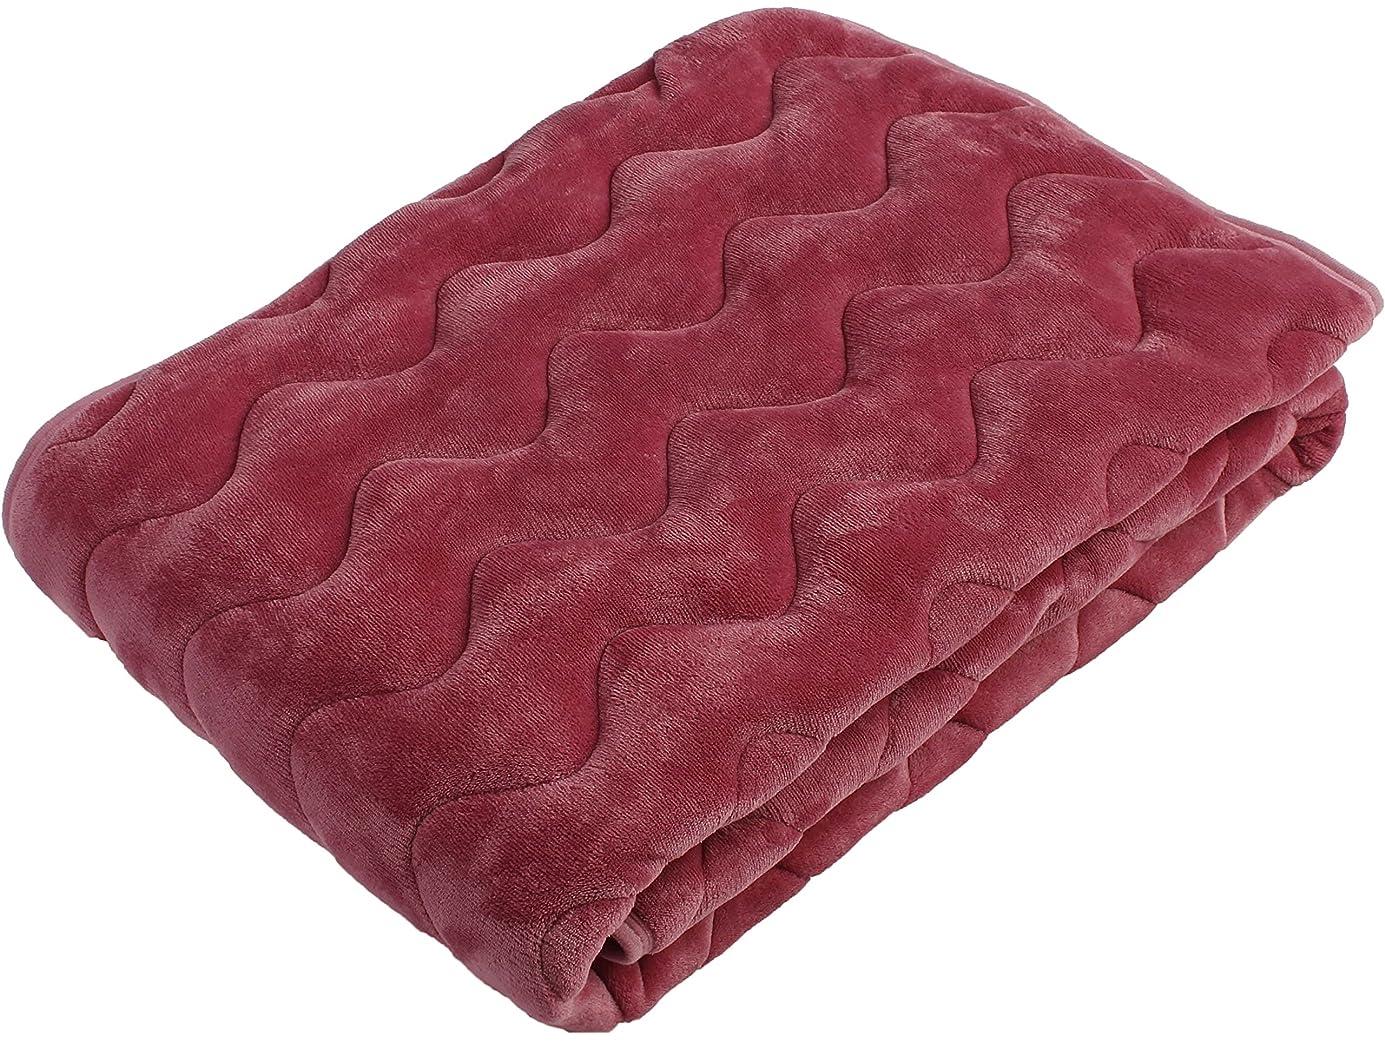 交じるなぜ冷える西川(Nishikawa) ピンク セミダブル 120×205㎝ 敷きパッド 竹炭入りわた使用 アルミシート入り 洗える 2QC7553 SD